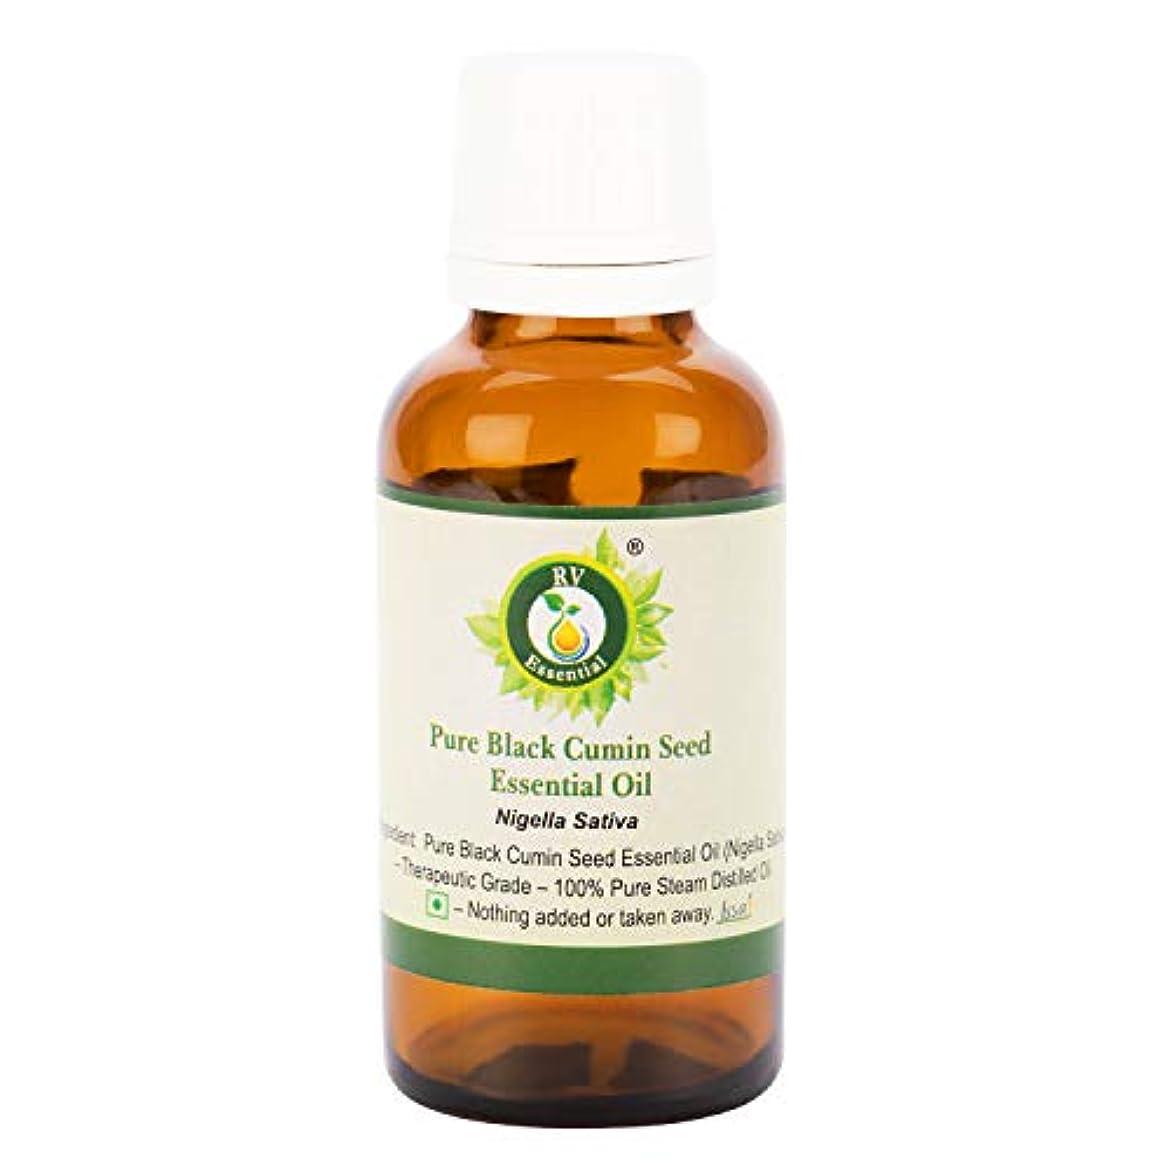 時間とともに推定防水ピュアブラッククミンシードエッセンシャルオイル5ml (0.169oz)- Nigella Sativa (100%純粋&天然スチームDistilled) Pure Black Cumin Seed Essential...